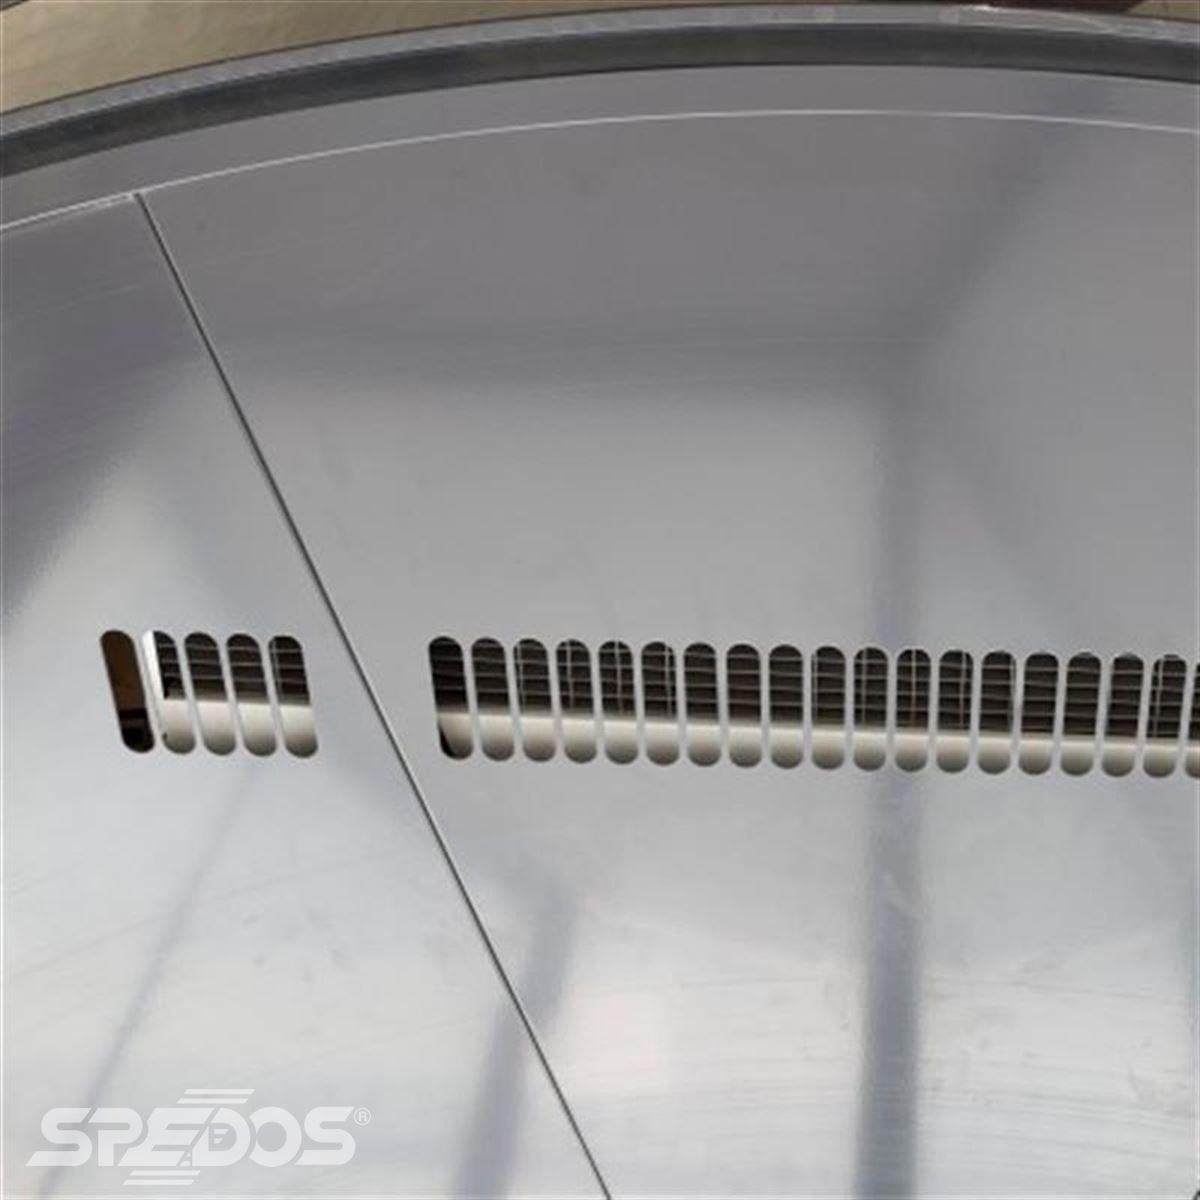 dveřní tepelná clona od Spedosu